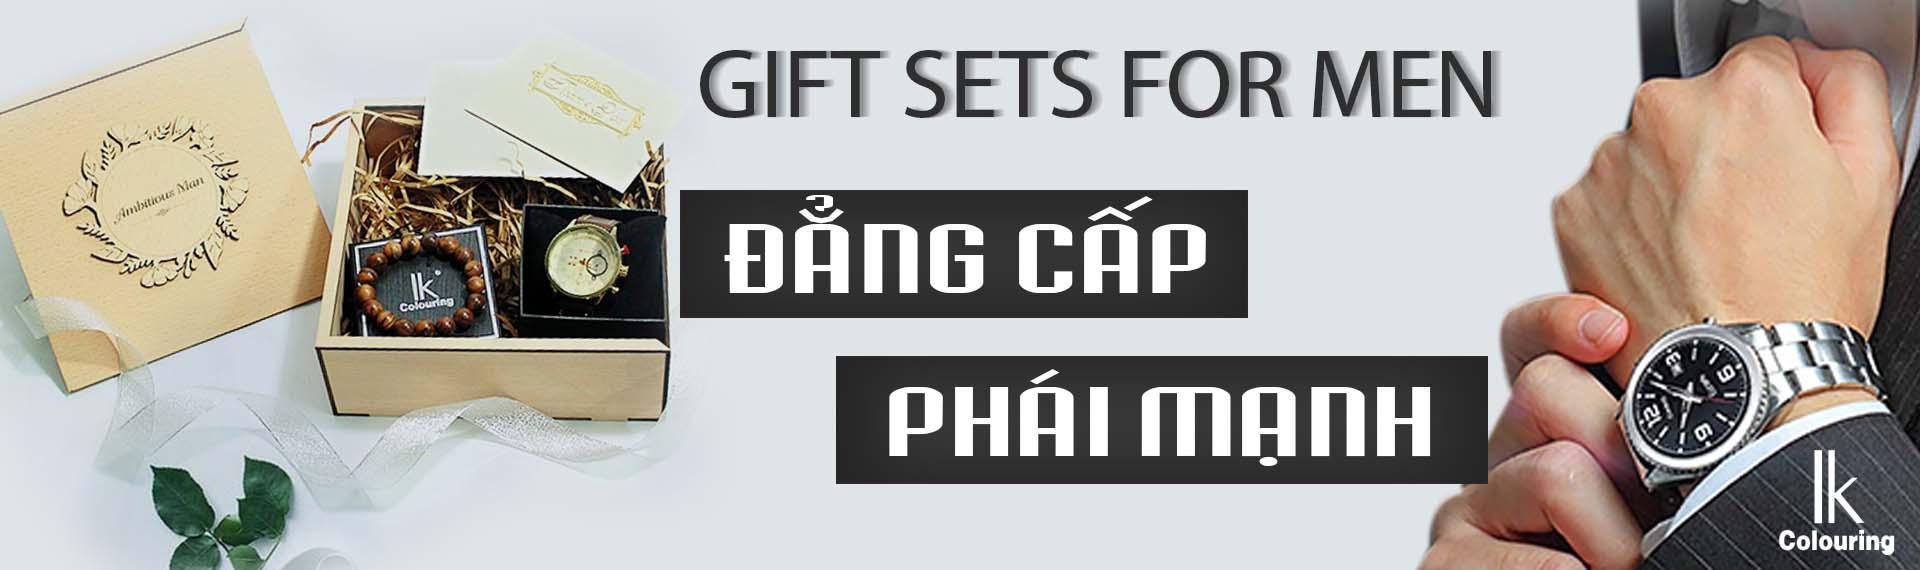 banner-gift-set-dong-ho